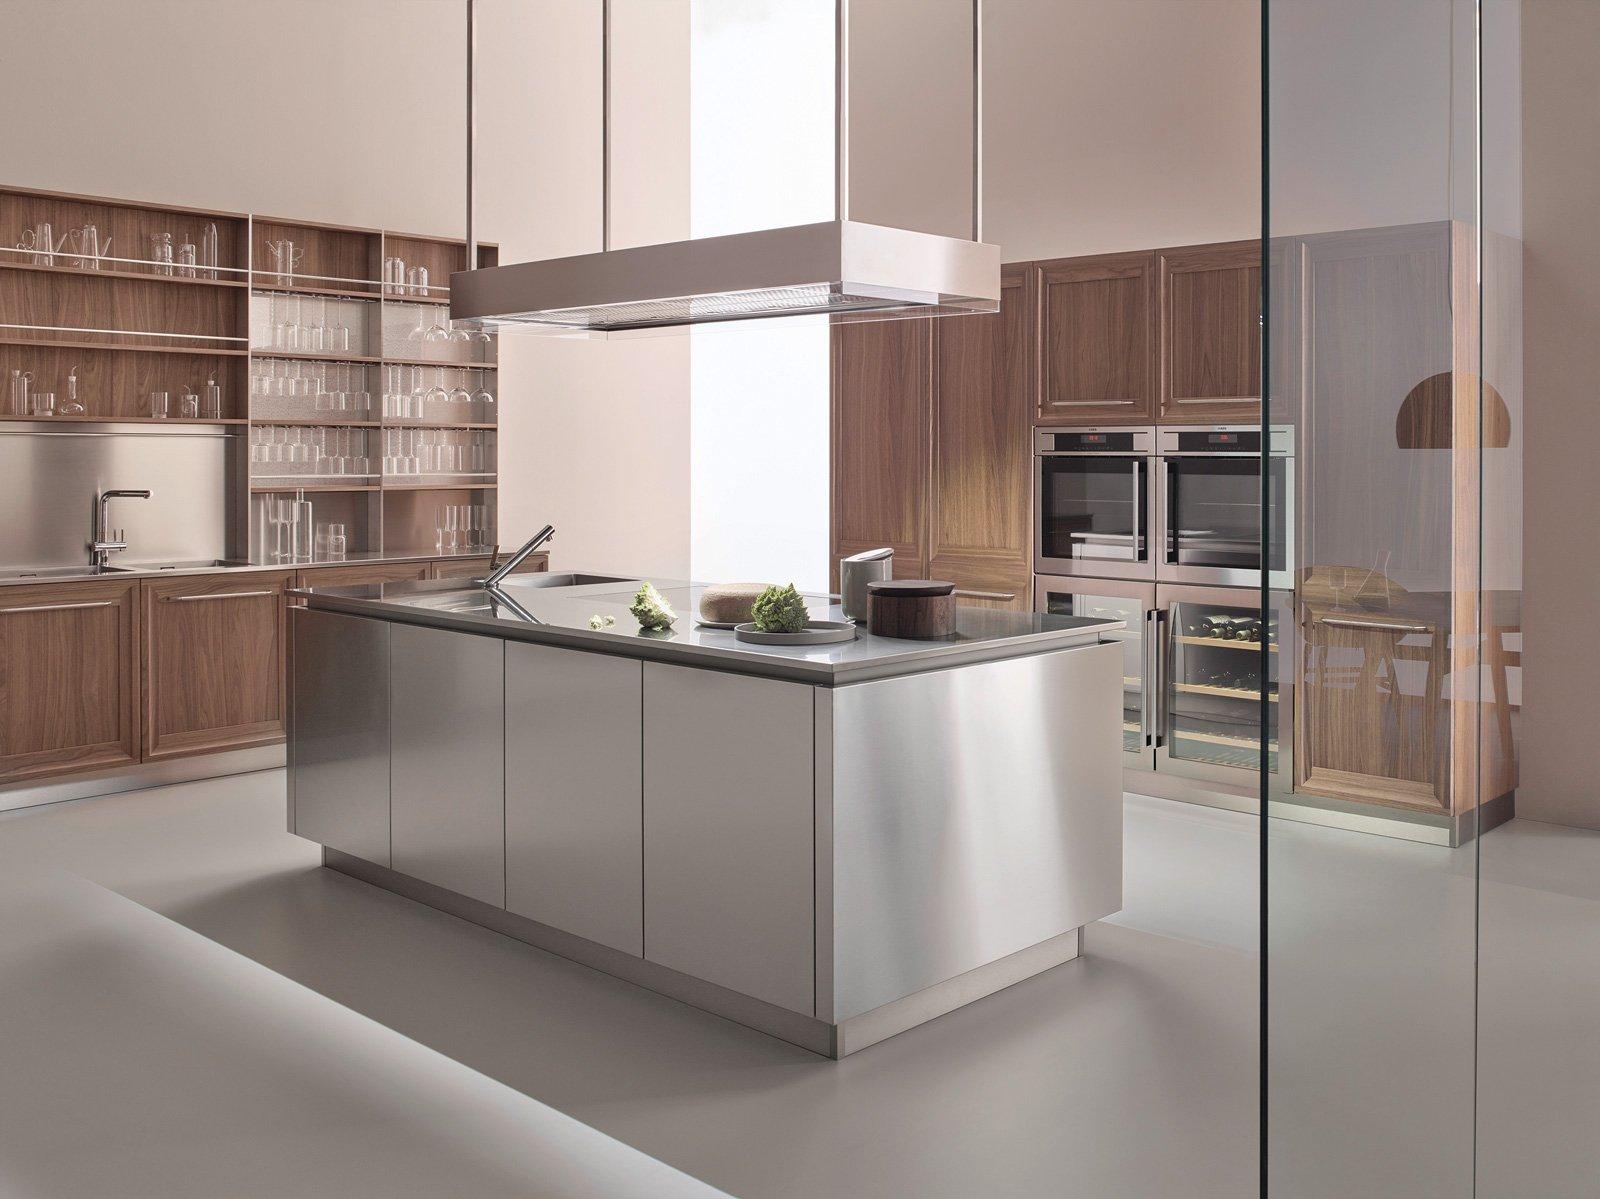 Veneta Cucine A EuroCucina 2016: La Zona Operativa è Sempre Più  #684E44 1600 1199 Veneta Cucine E Soggiorni